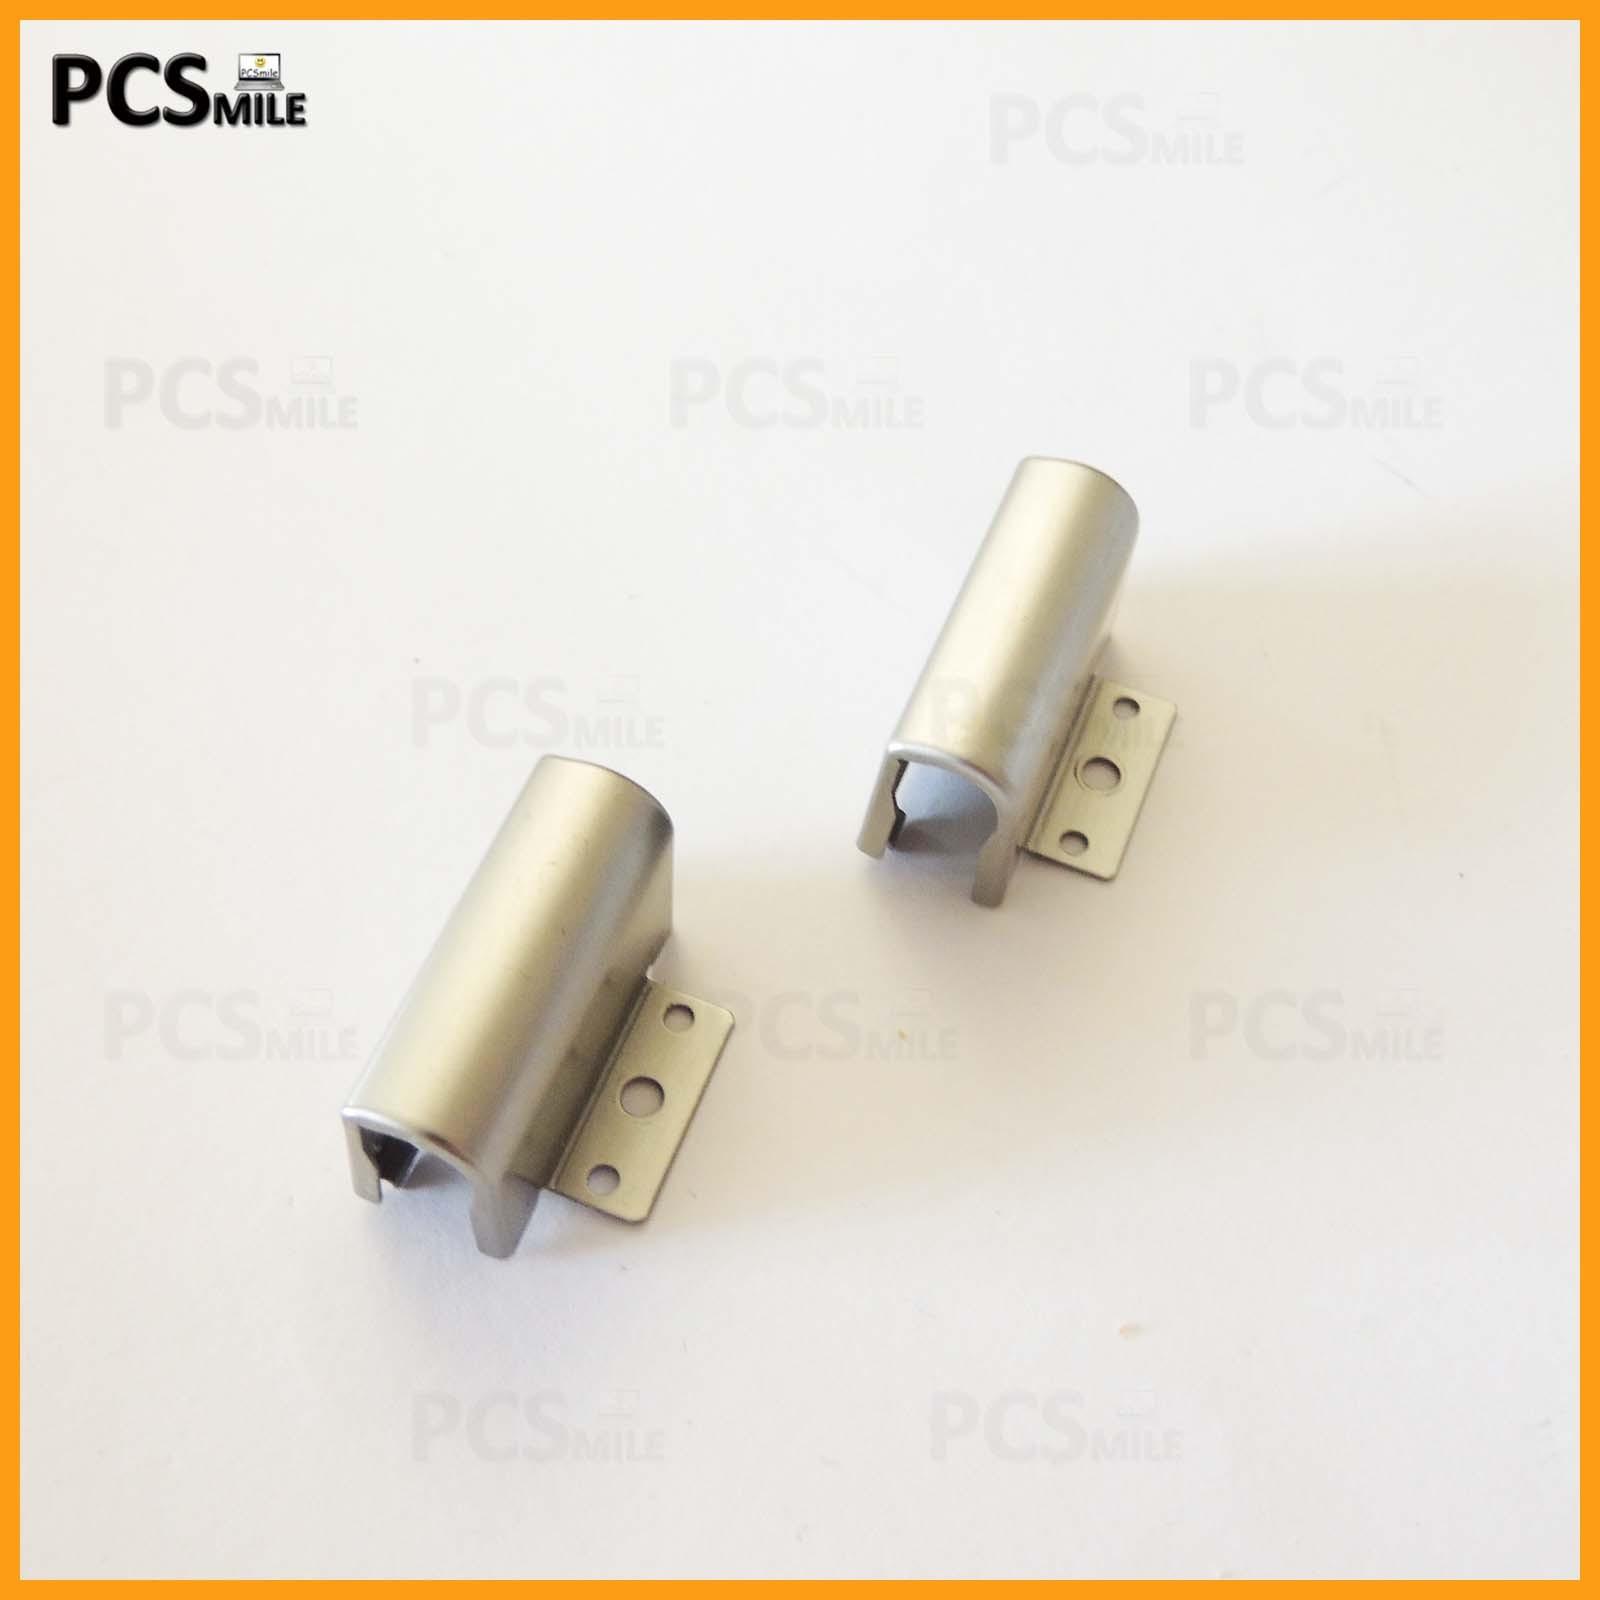 Copri cerniere LCD G62-b06SL copricerniere scocca alluminio